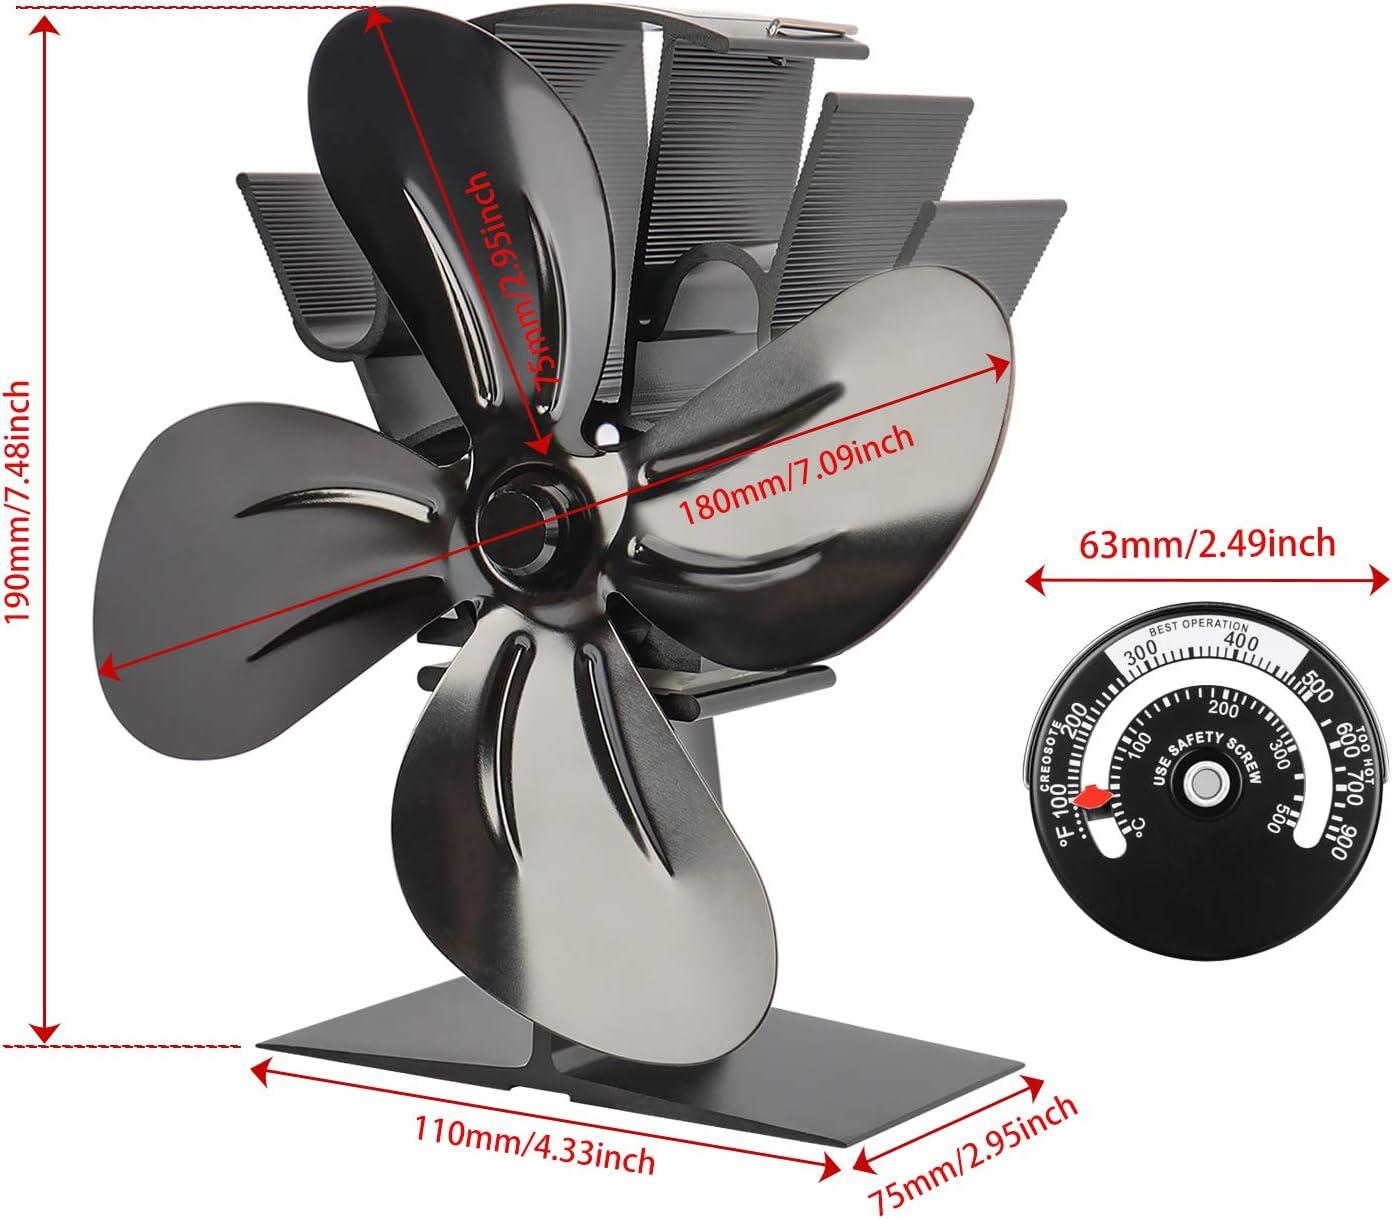 Ventilador de estufa de 4 aspas Ventilador de quemador de madera//le/ña con energ/ía t/érmica Circulaci/ón de calor ecol/ógica para madera//chimenea//Ventilador de funcionamiento ultra silencioso